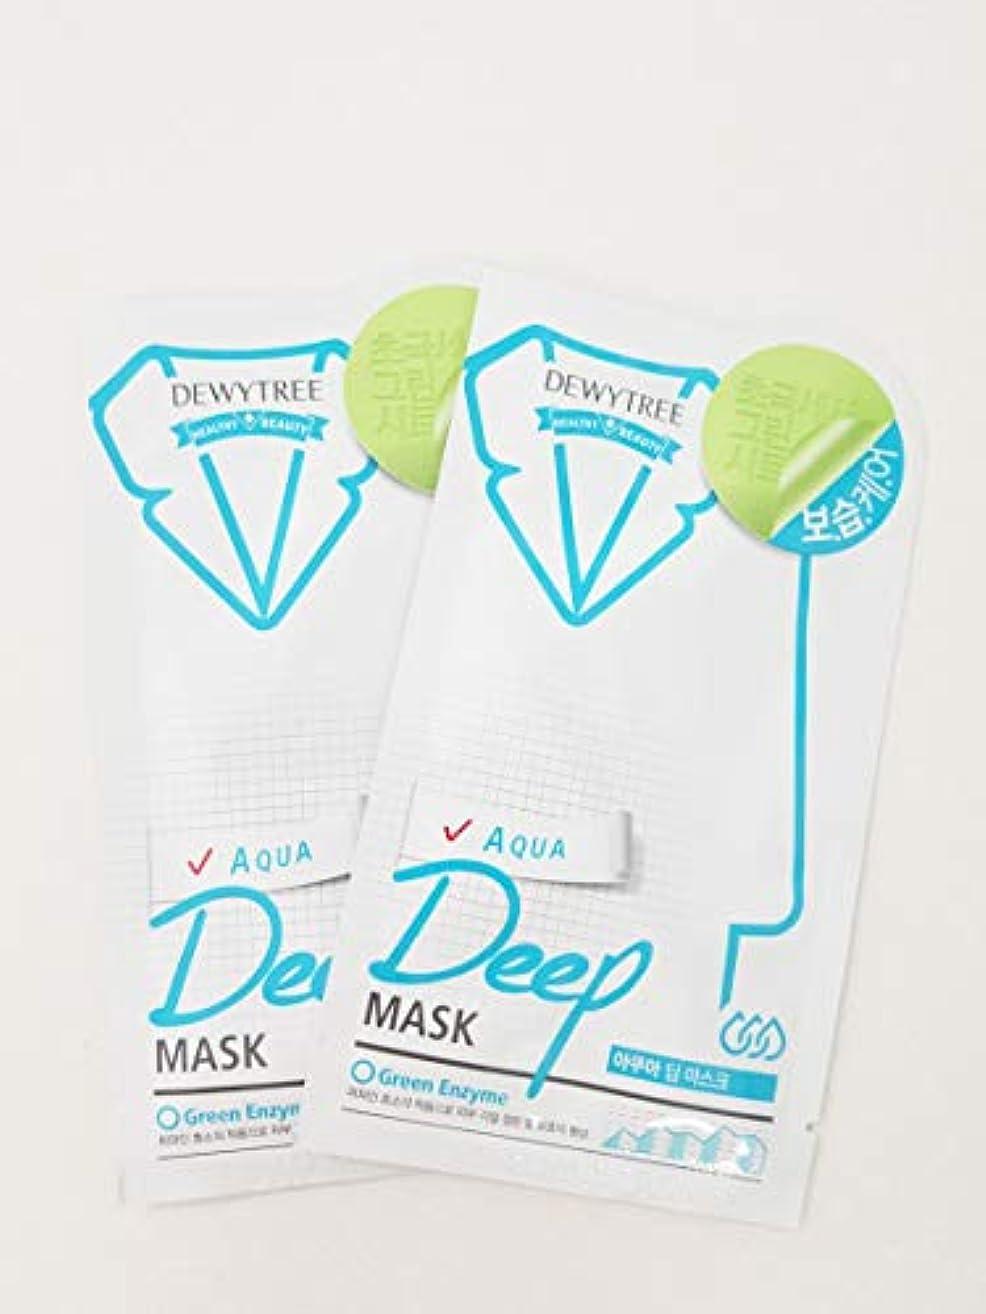 くしゃくしゃ羊参照する(デューイトゥリー) DEWYTREE アクアディープマスク 20枚 Aqua Deep Mask 韓国マスクパック (並行輸入品)